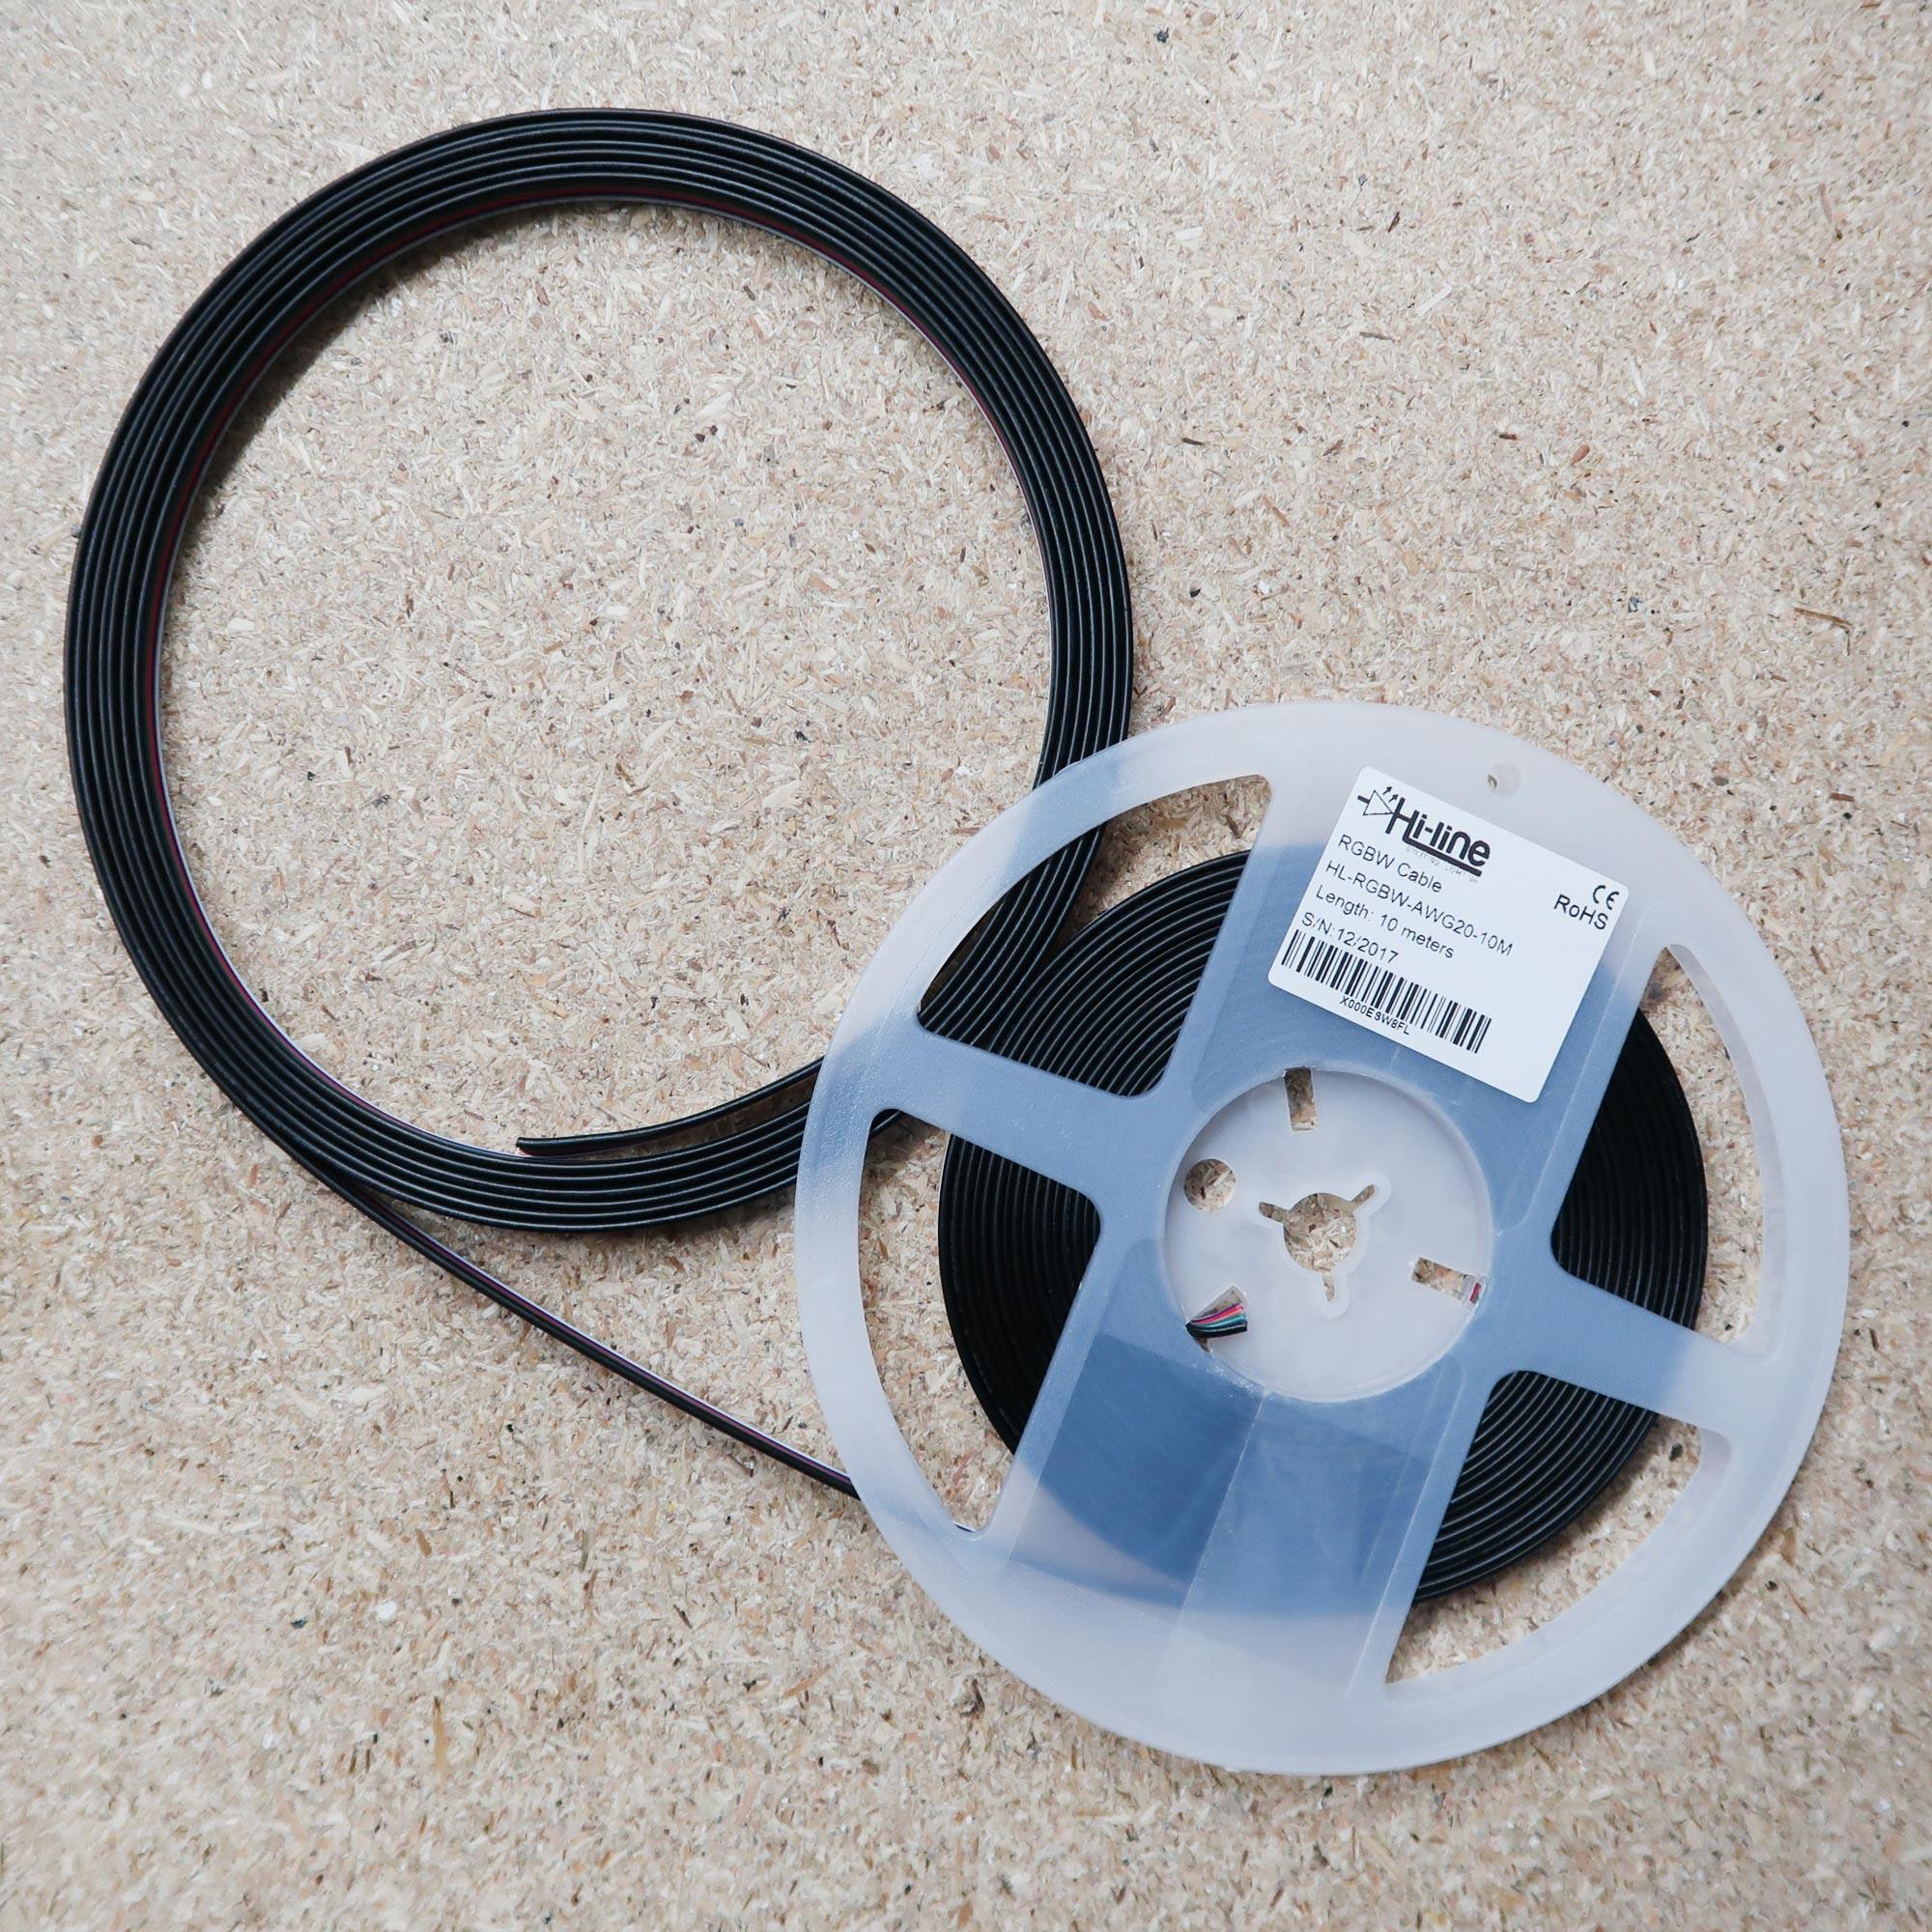 Kabelband für RGBW LED-Streifen 10m Rolle